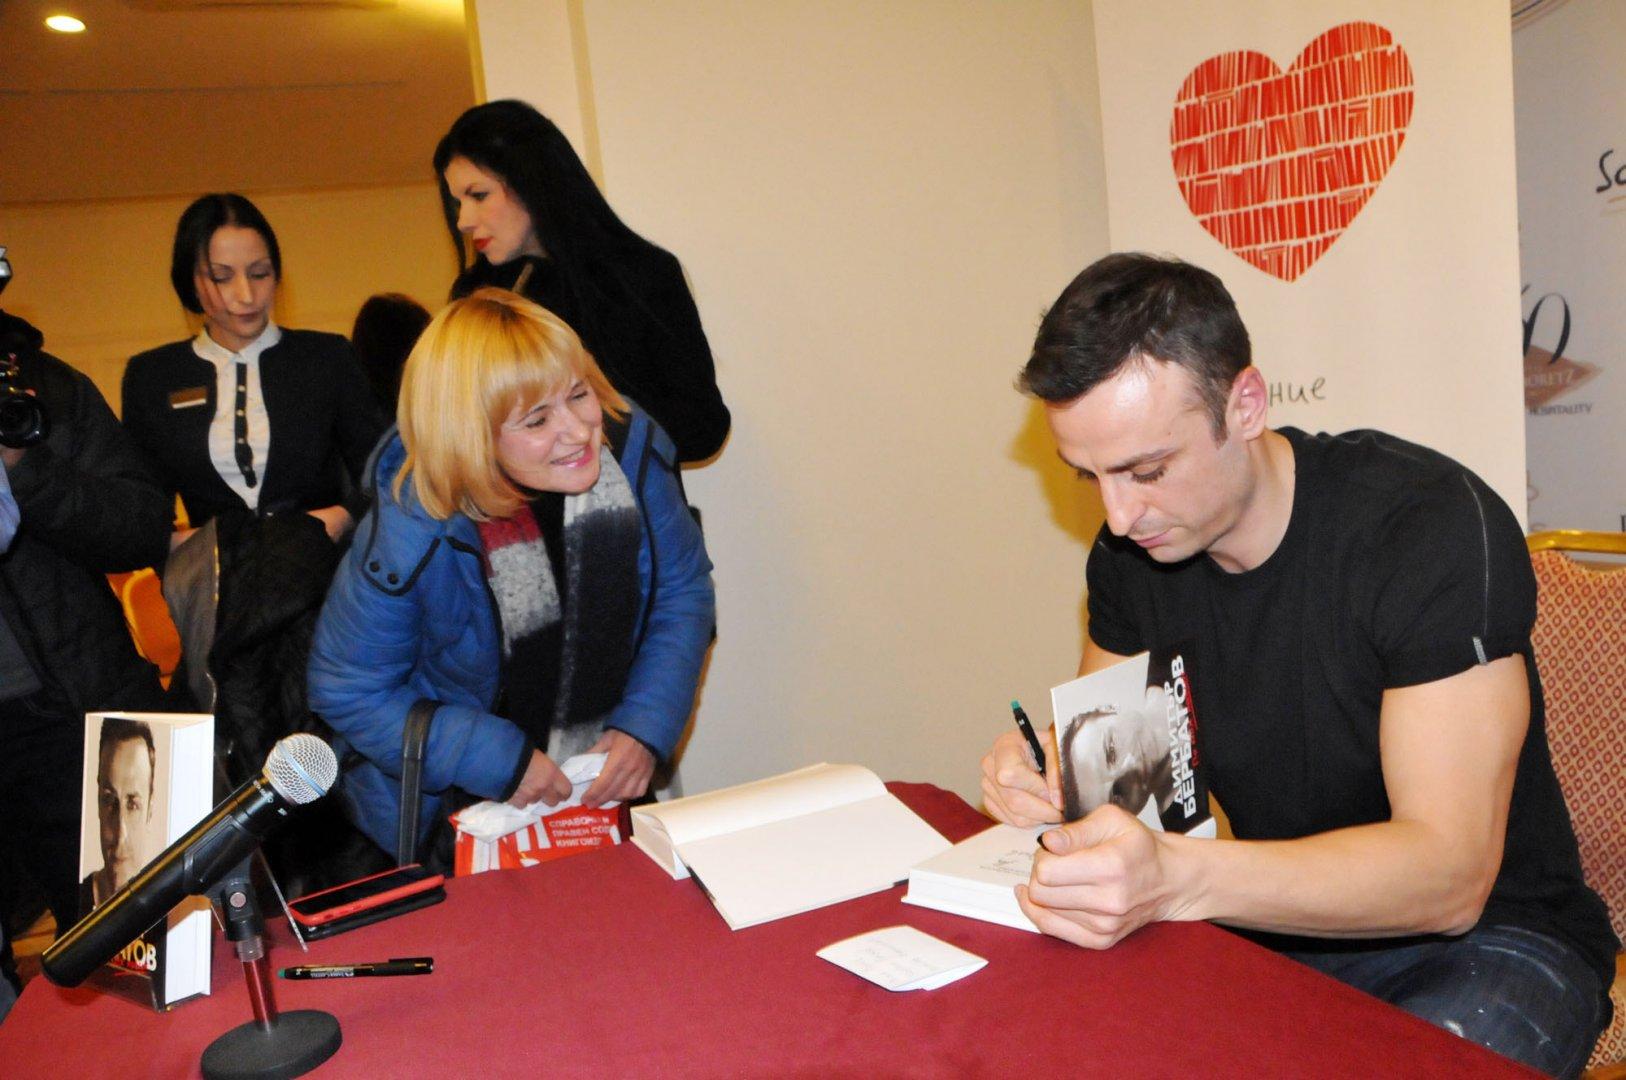 Десетки фенове дойдаха в късния следобед в неделя, за да вземат автограф от Димитър Бербатов. Снимки Лина Главинова